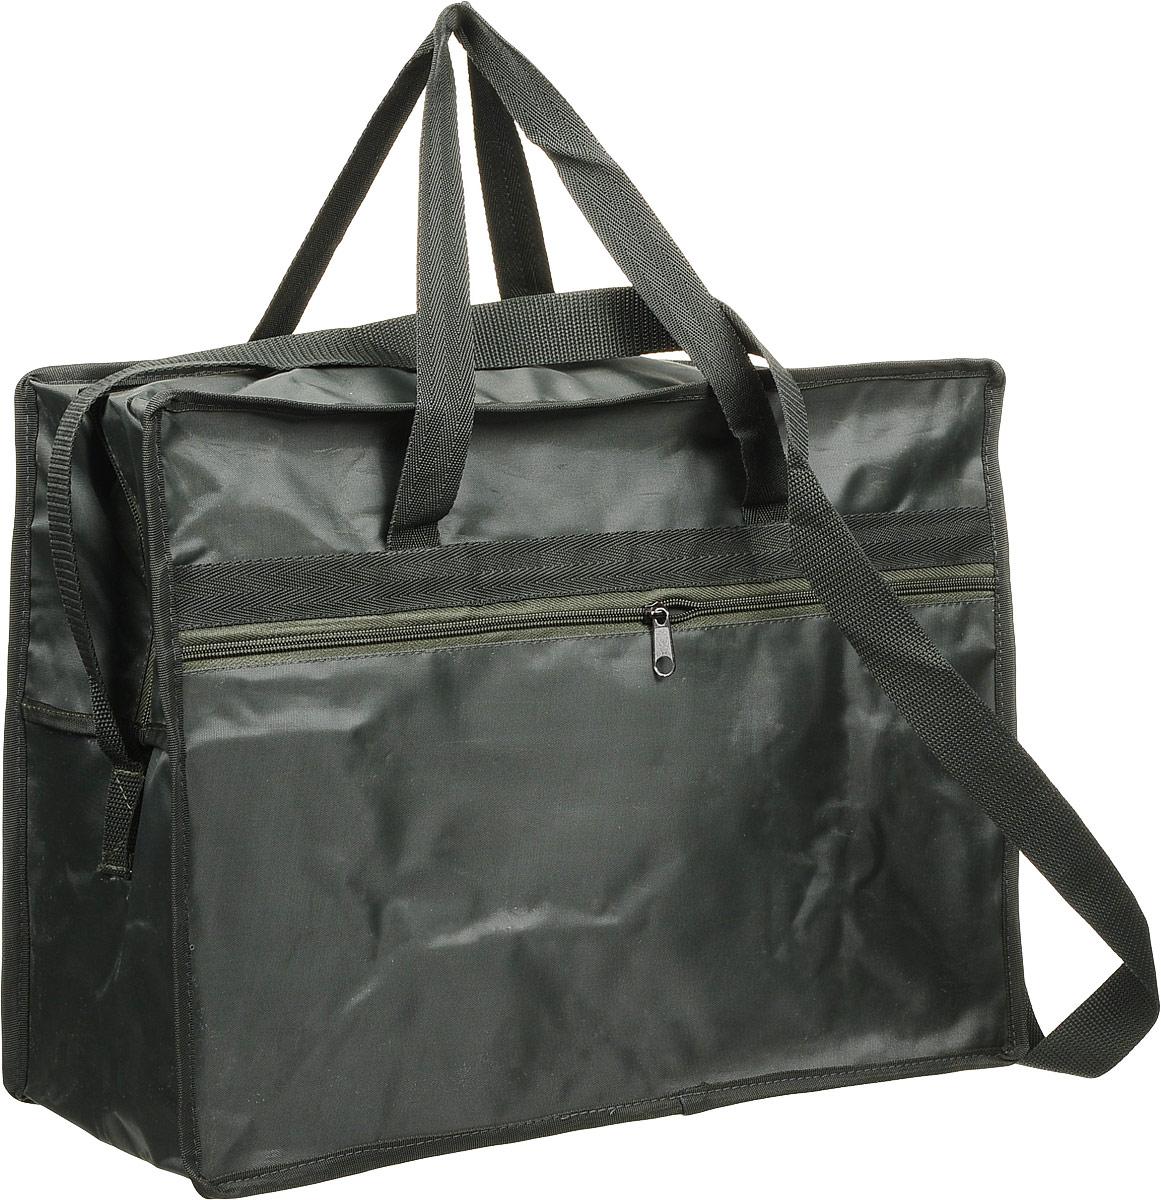 Сумка универсальная для мангала Счастливый дачник, 40 х 30 х 18 смС-УУниверсальная сумка Счастливый дачник отлично подойдет для переноски и хранения мангала и похода на пикник. Сумка выполнена из непромокаемого материала и дополнена двумя удобными ручками и плечевым ремнем, регулируемым по длине. С внешней стороны расположен вместительный карман на застежке-молнии.